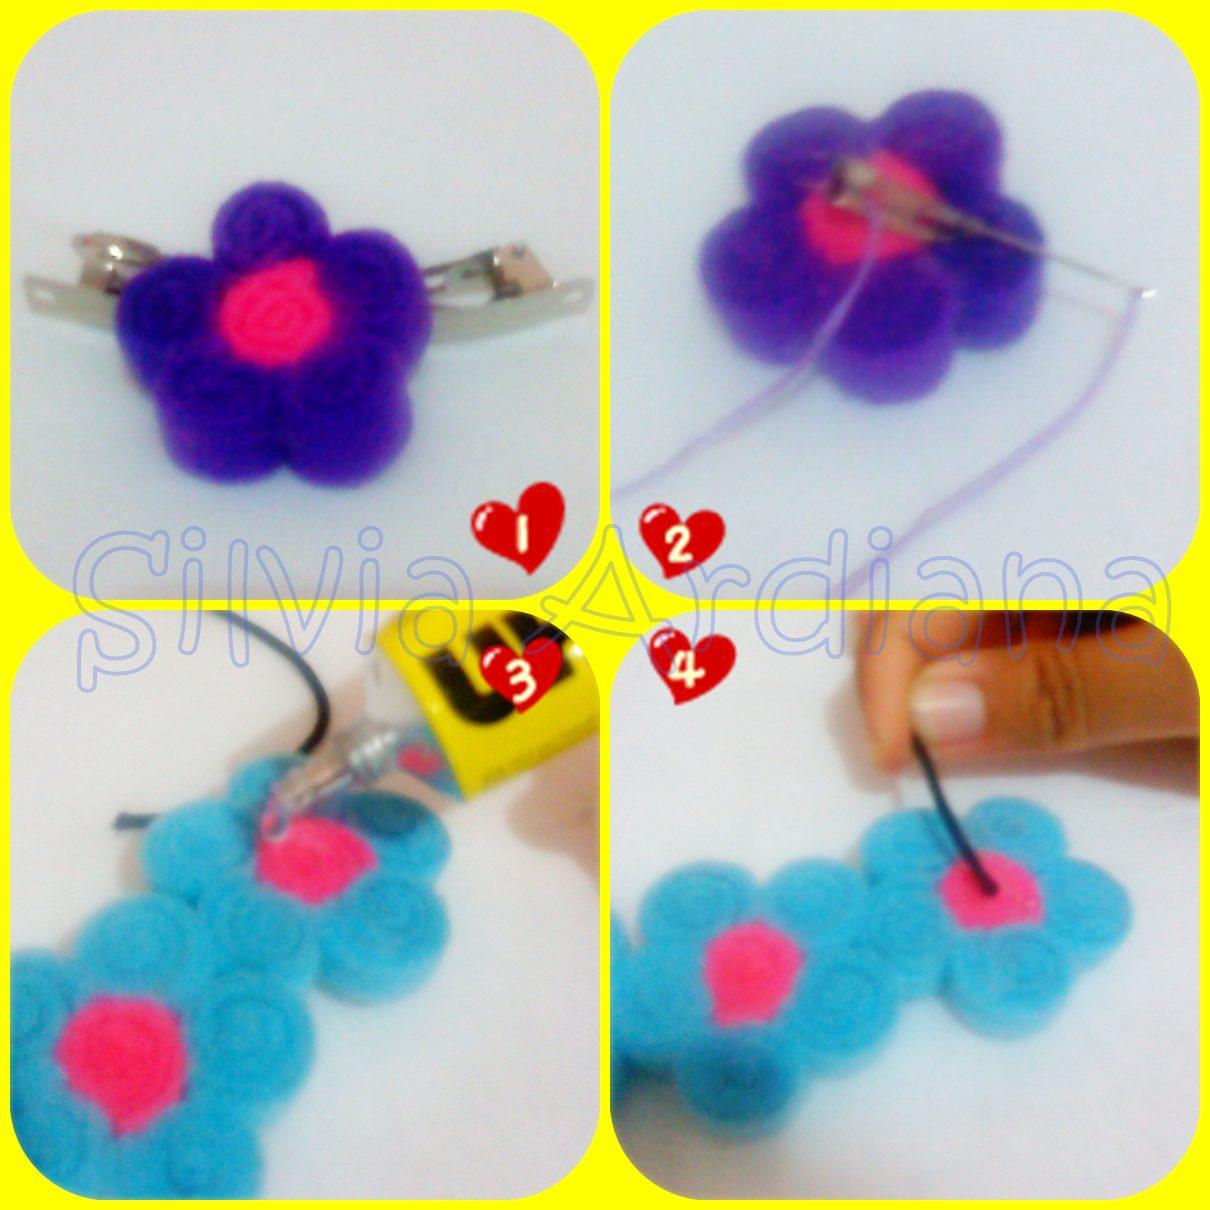 ... Flower Crown Tali Dari Kain Cara Membuat Flower Crown Tali Dari Kain